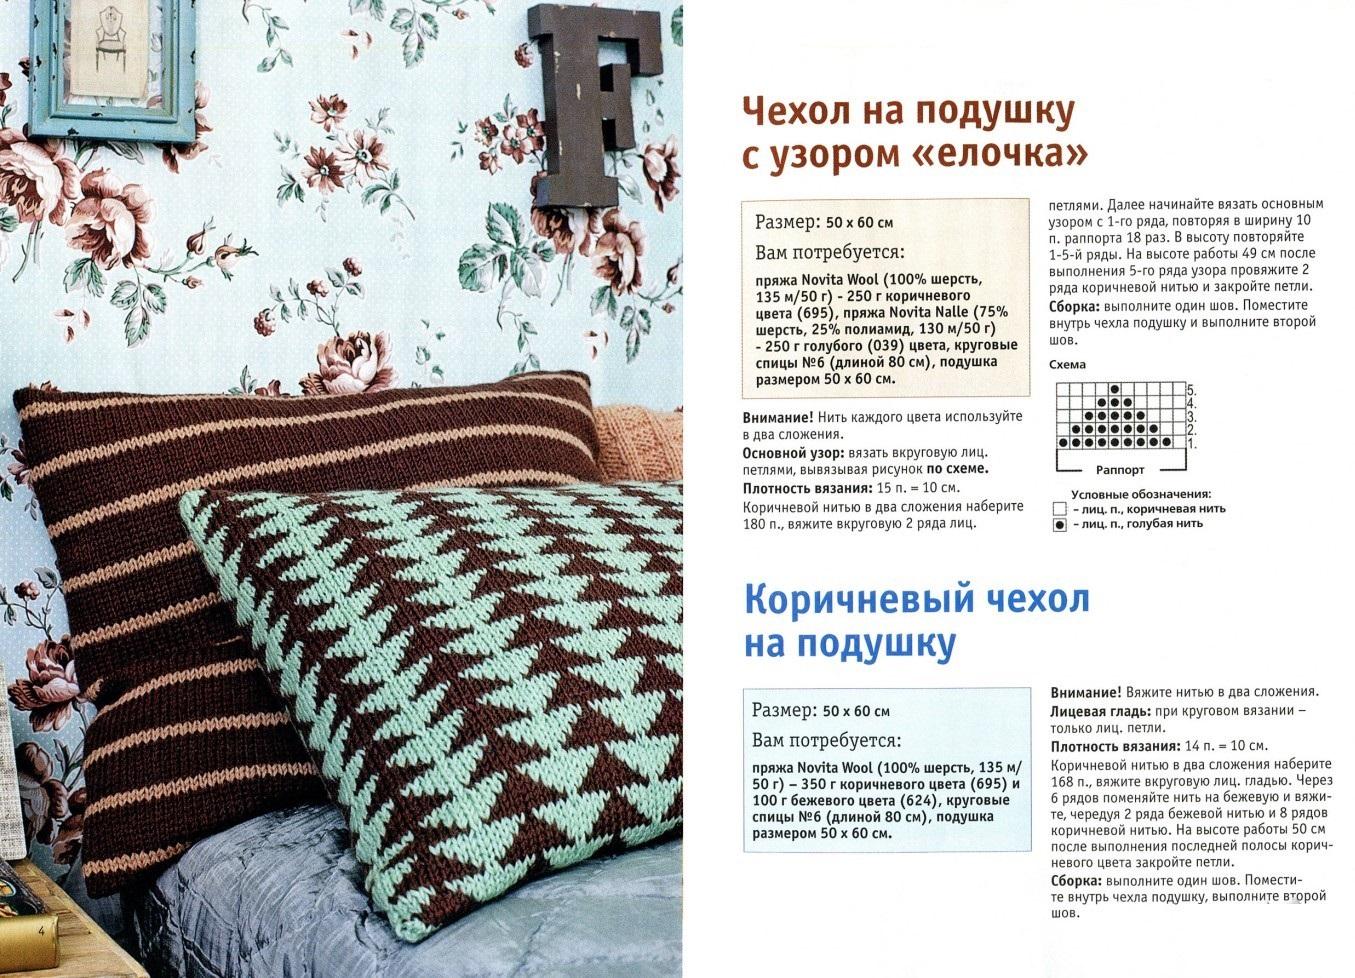 Как вязать чехол для подушки видео